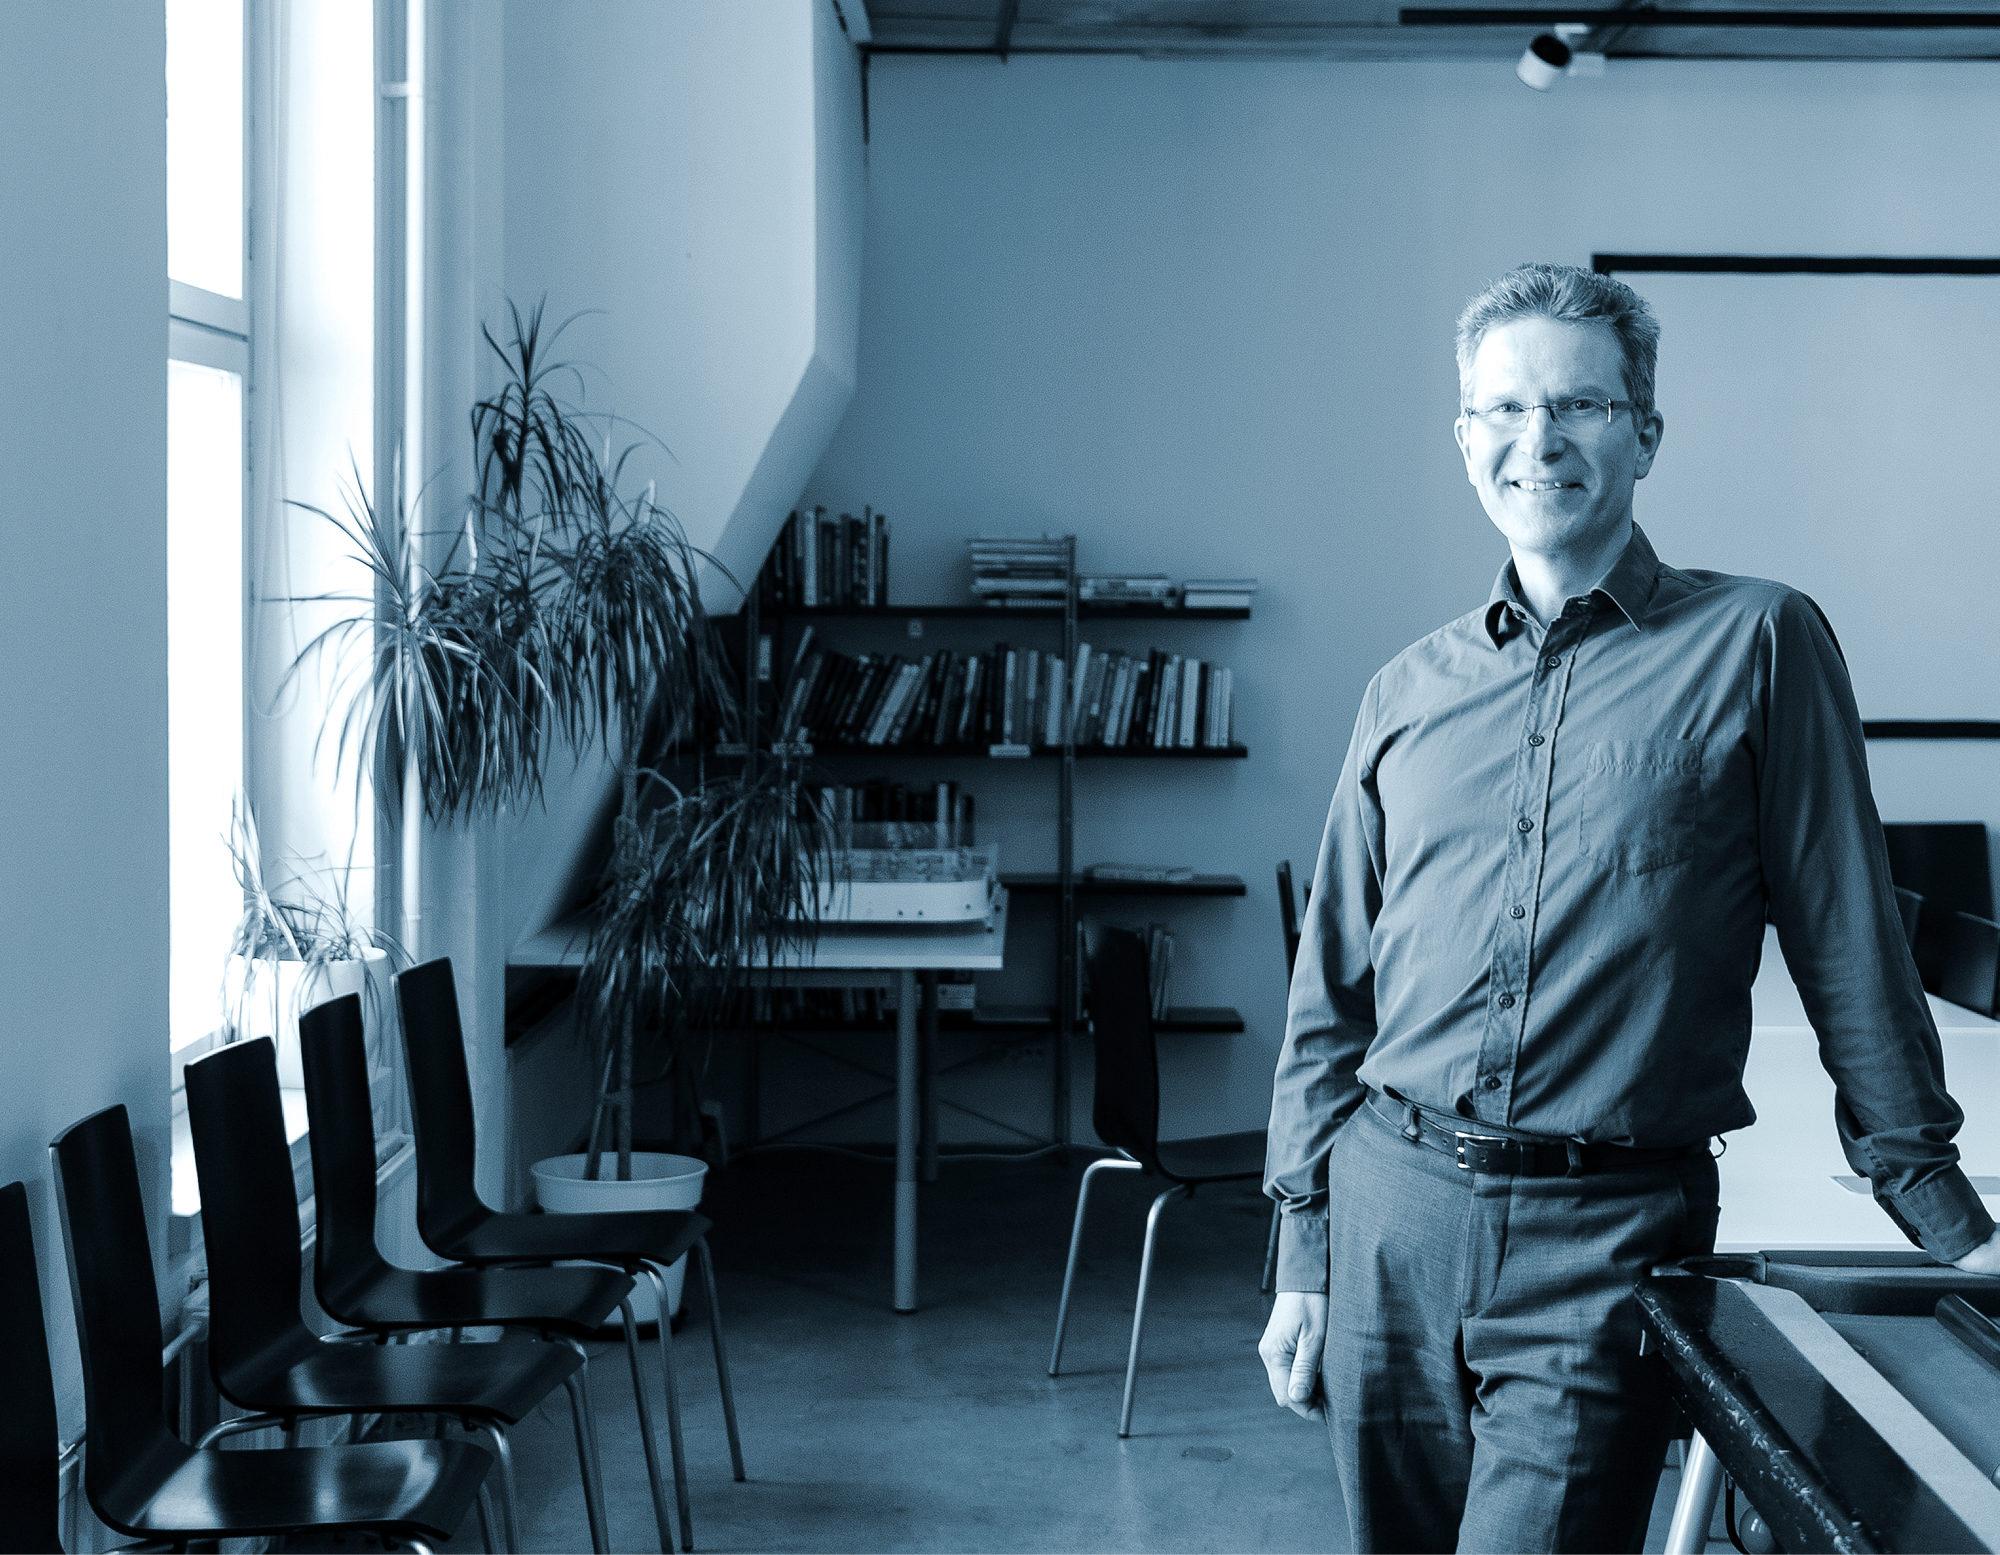 – Suomessa on noin 3 500 sertifioitua ohjelmistotestaajaa, Kari Kakkonen kertoo.